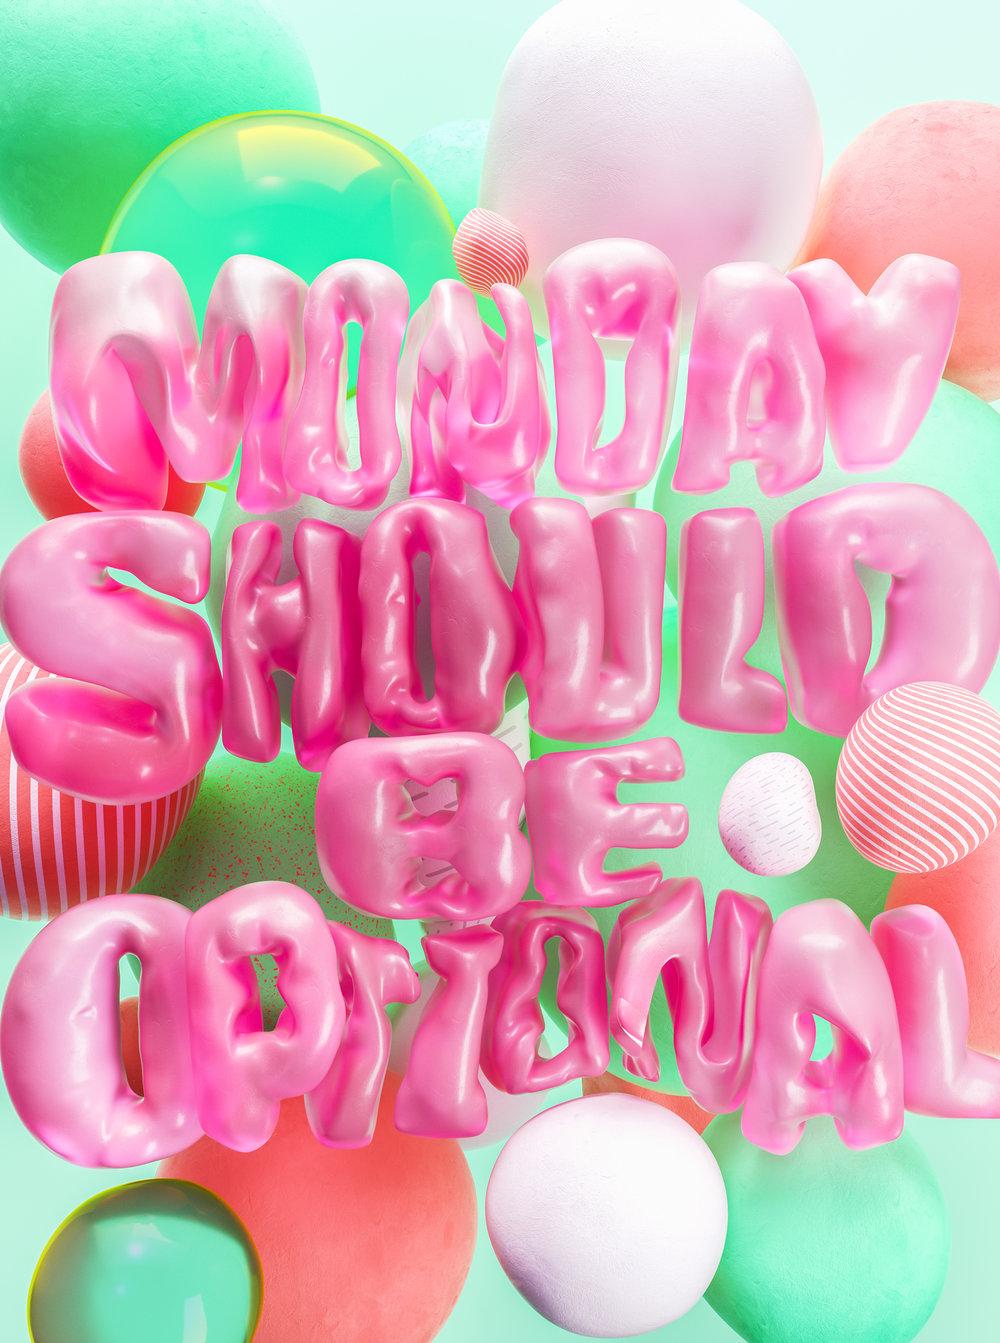 InflatedType_MondayShouldBeOptional.jpg